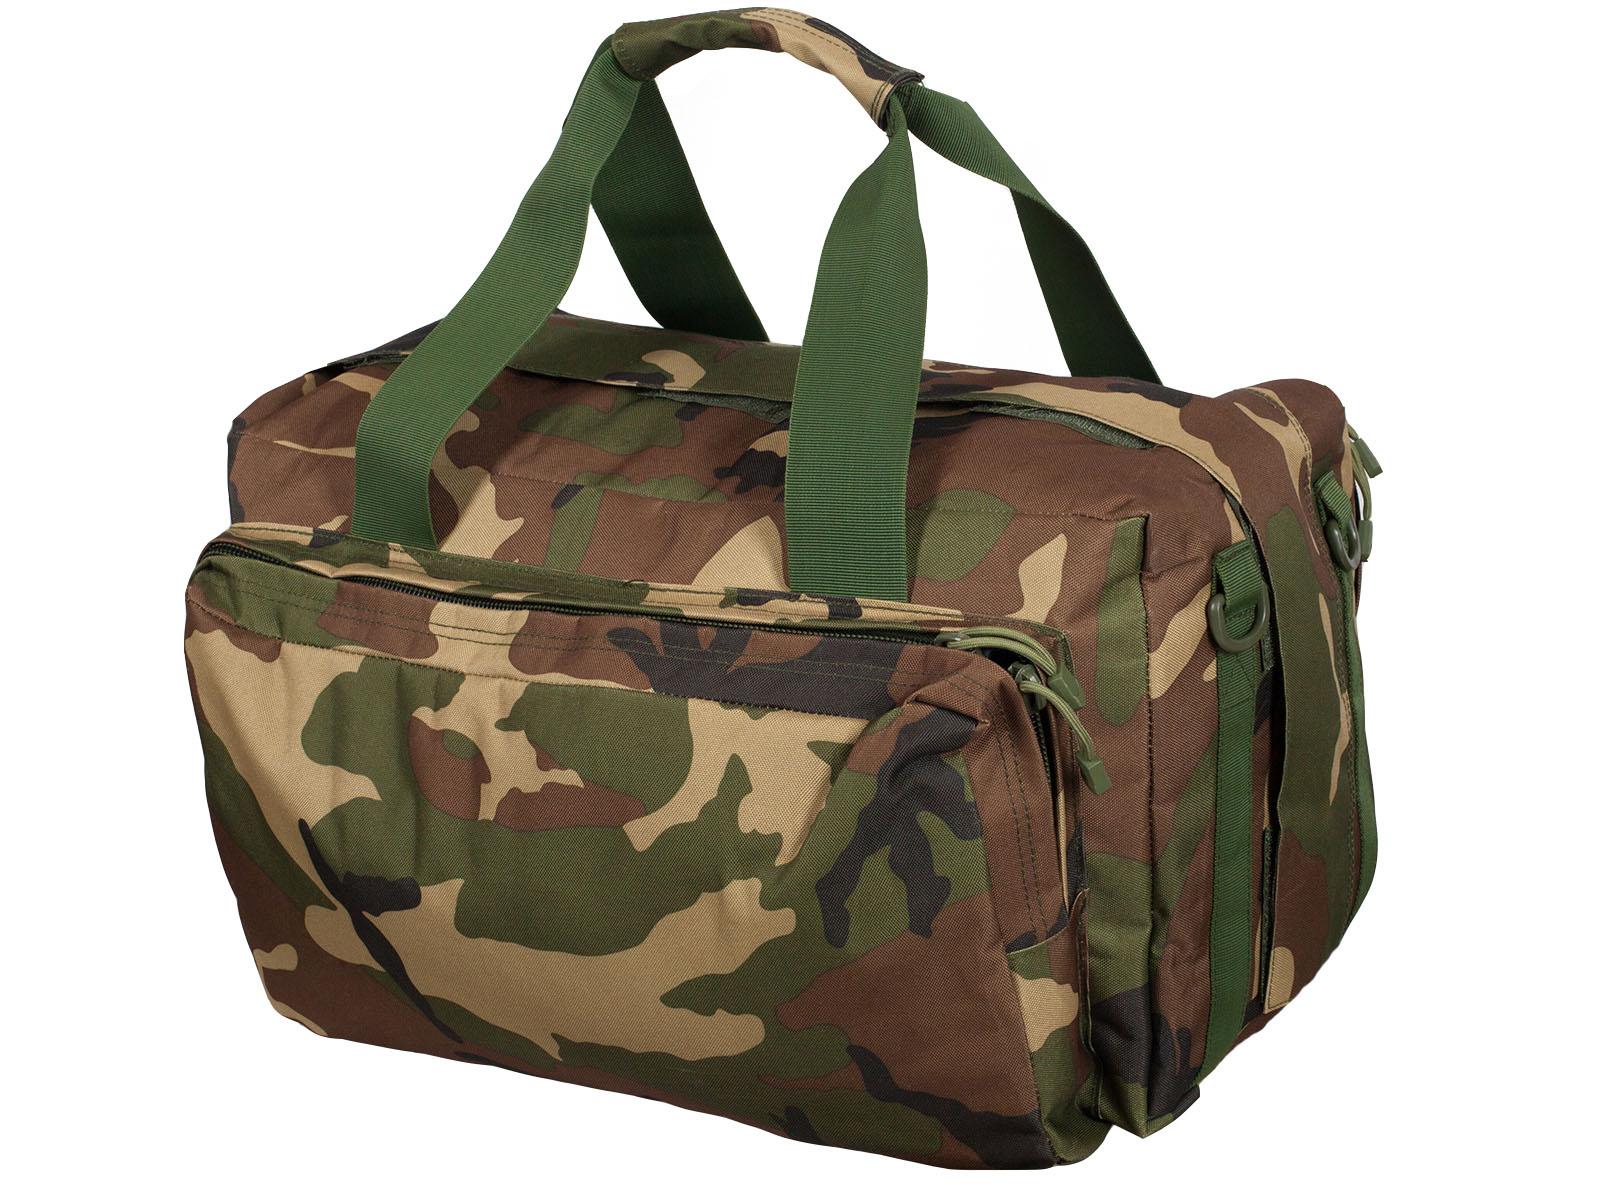 Практичная дорожная сумка-рюкзак с шевроном Охотничьего спецназа заказать по экономичной цене